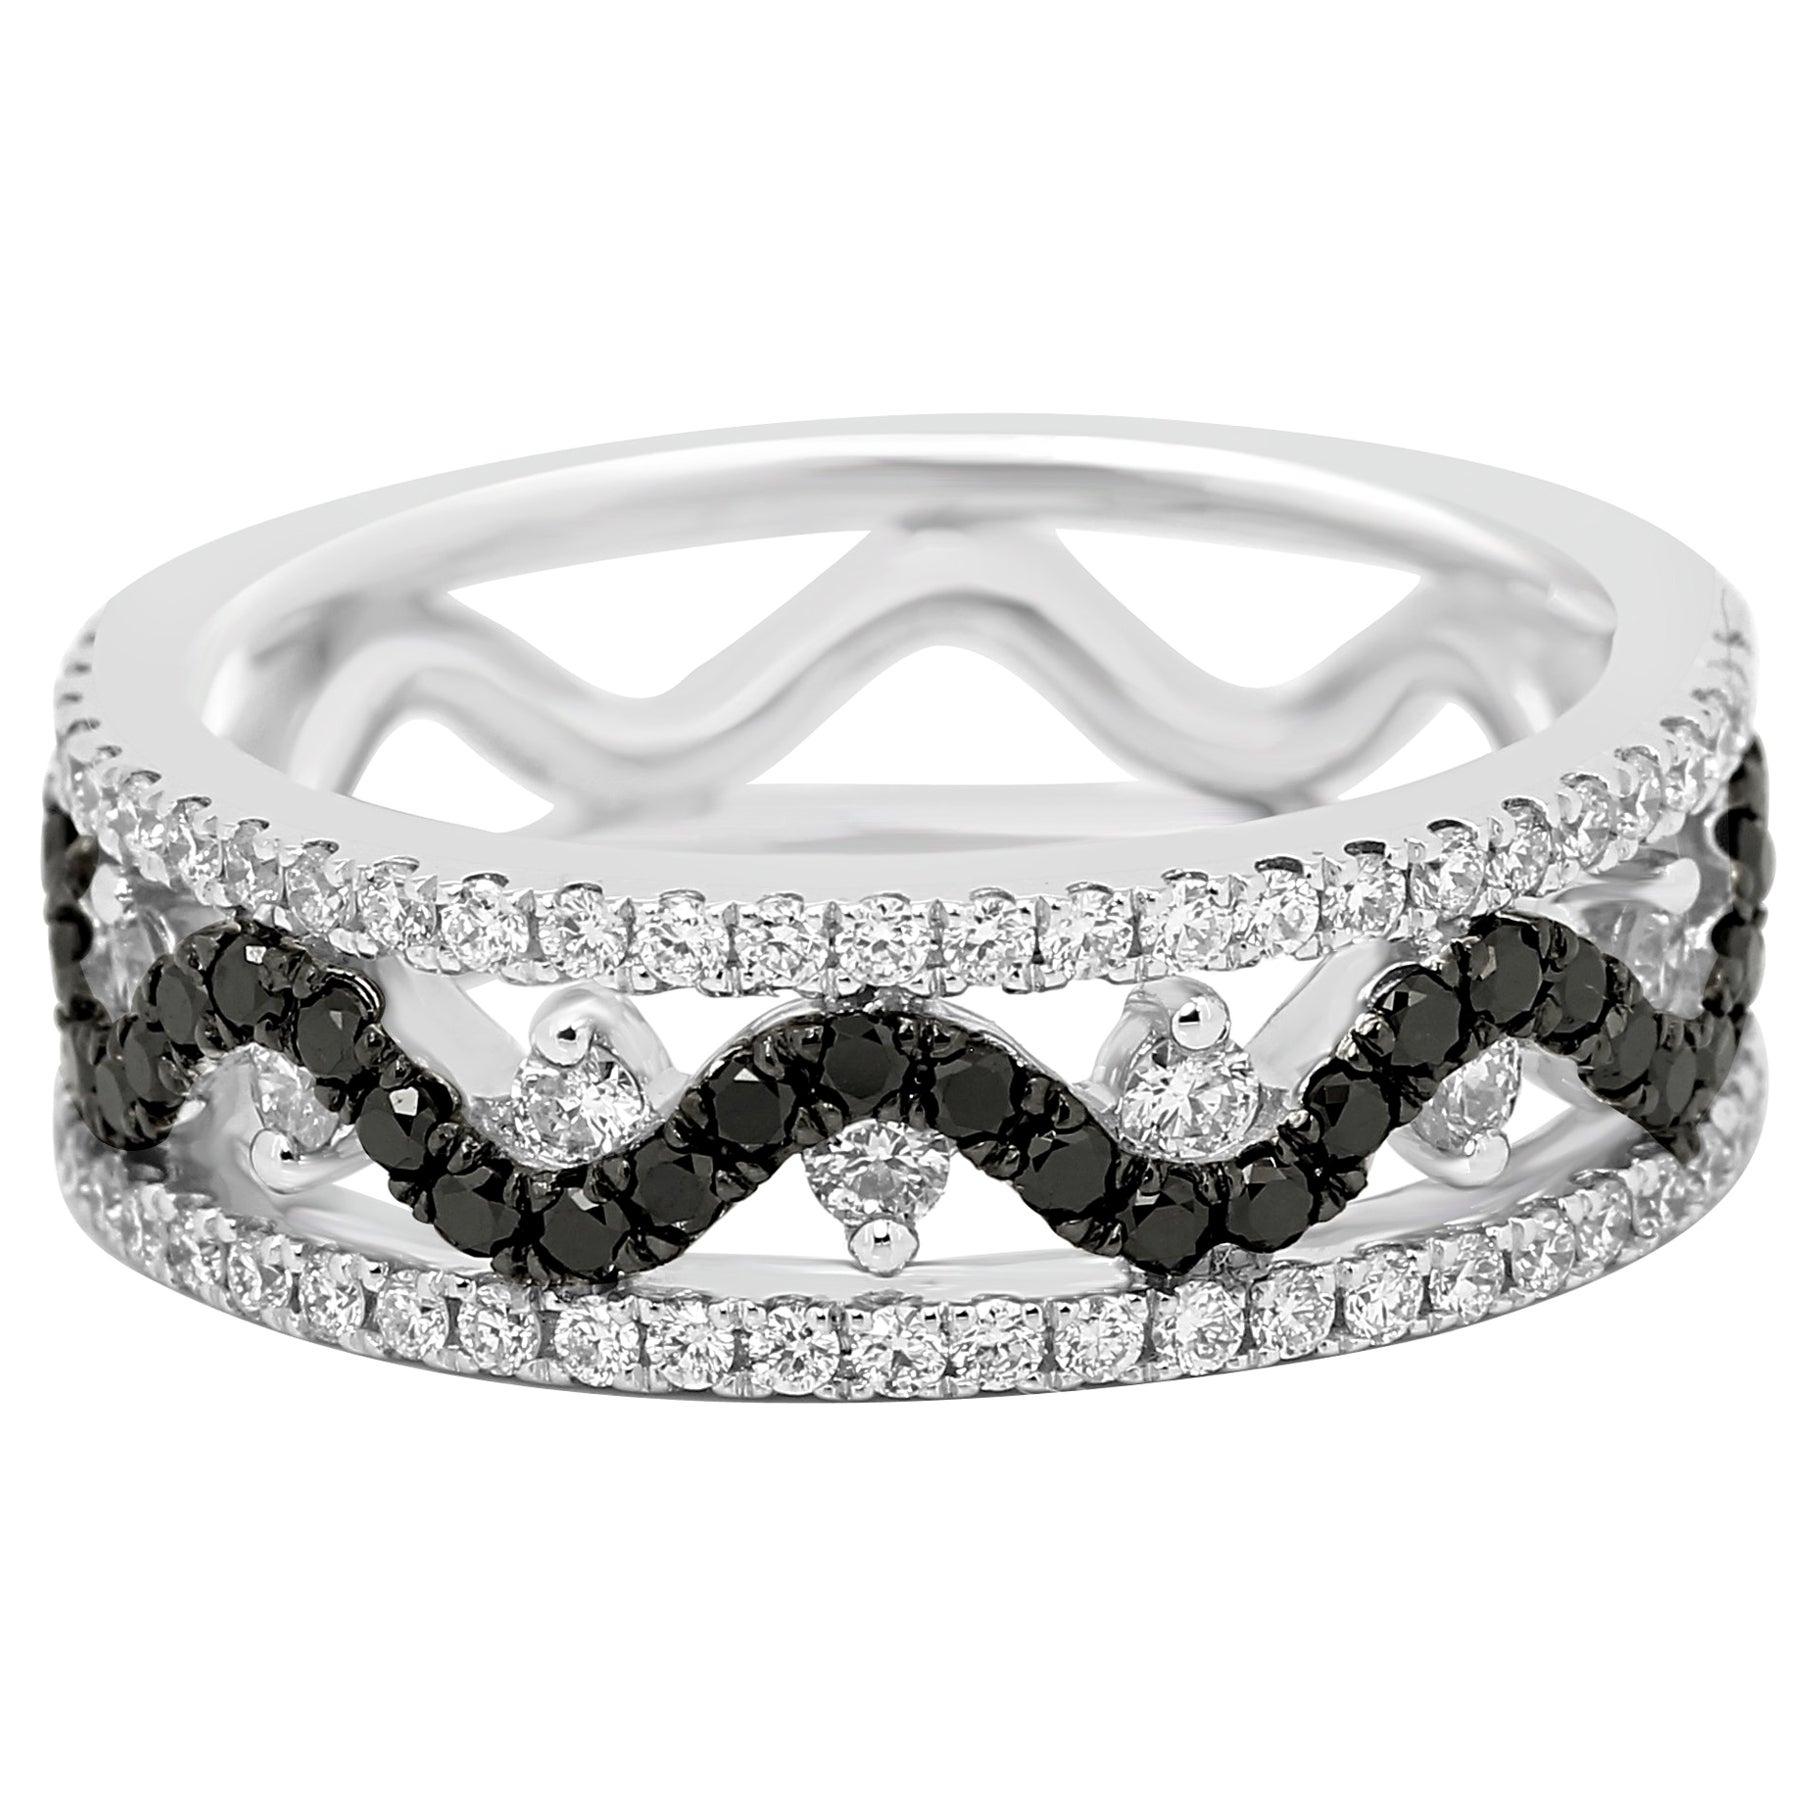 Black Diamond White Diamond Three-Row Gold Fashion Cocktail Band Ring